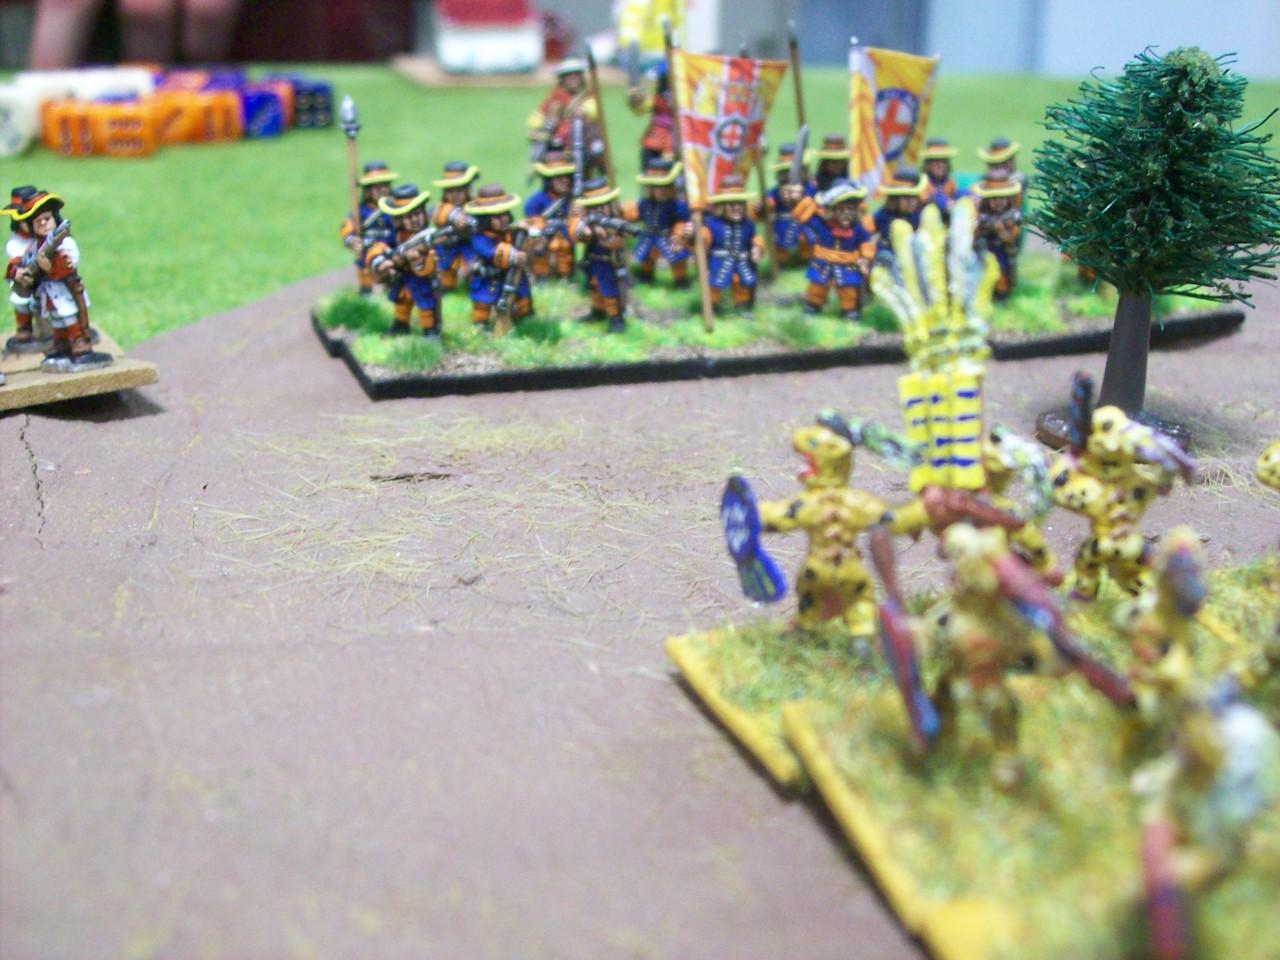 meine Azteken nähern sich den europäischen Linien